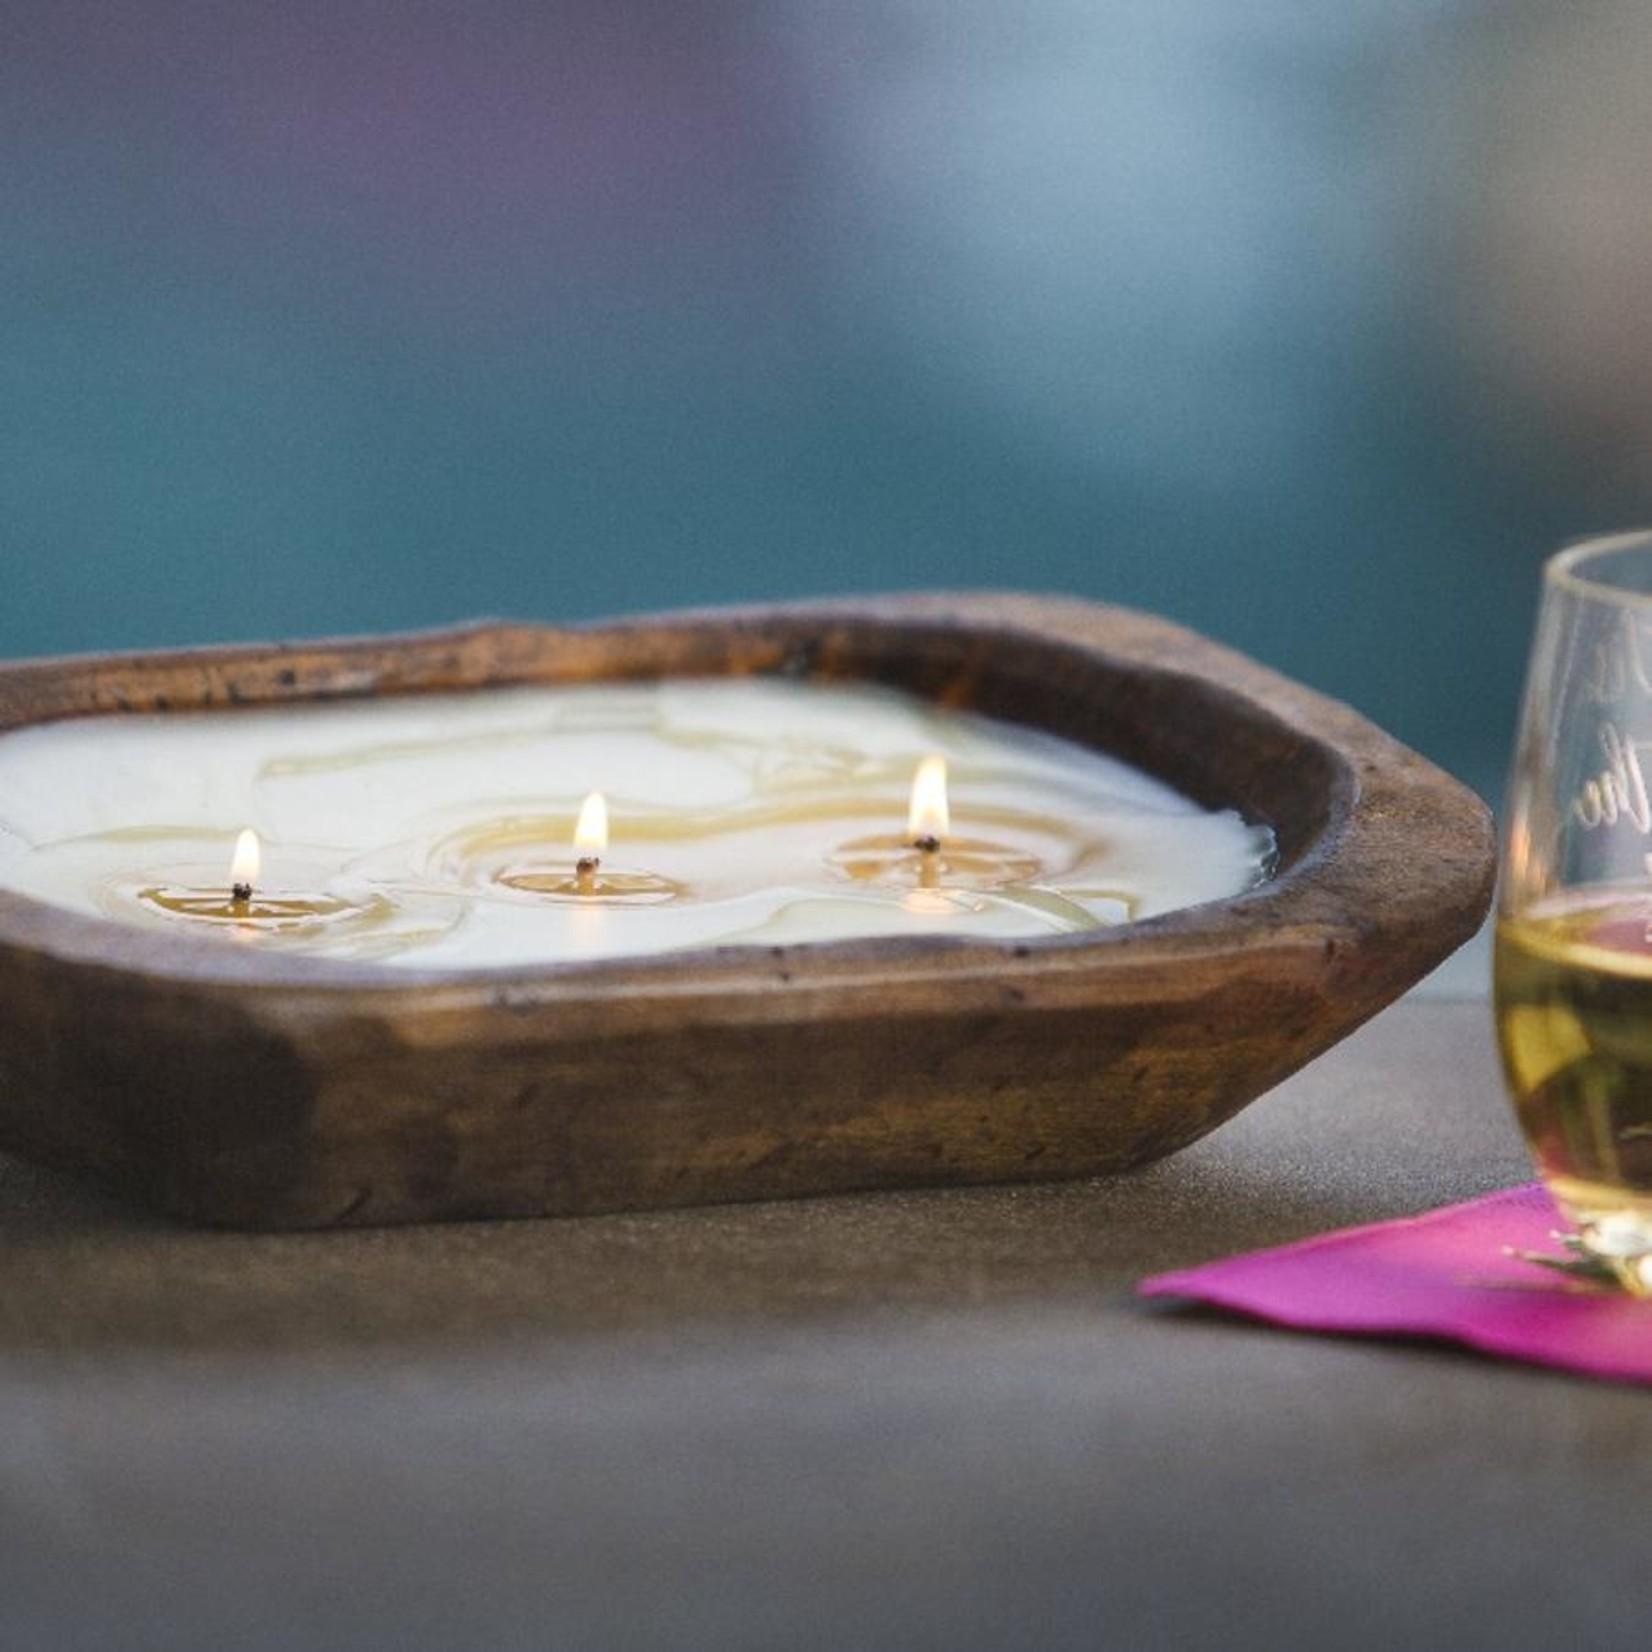 LUX Fragrances Citronella Citrus Fields Dough Bowl Candle